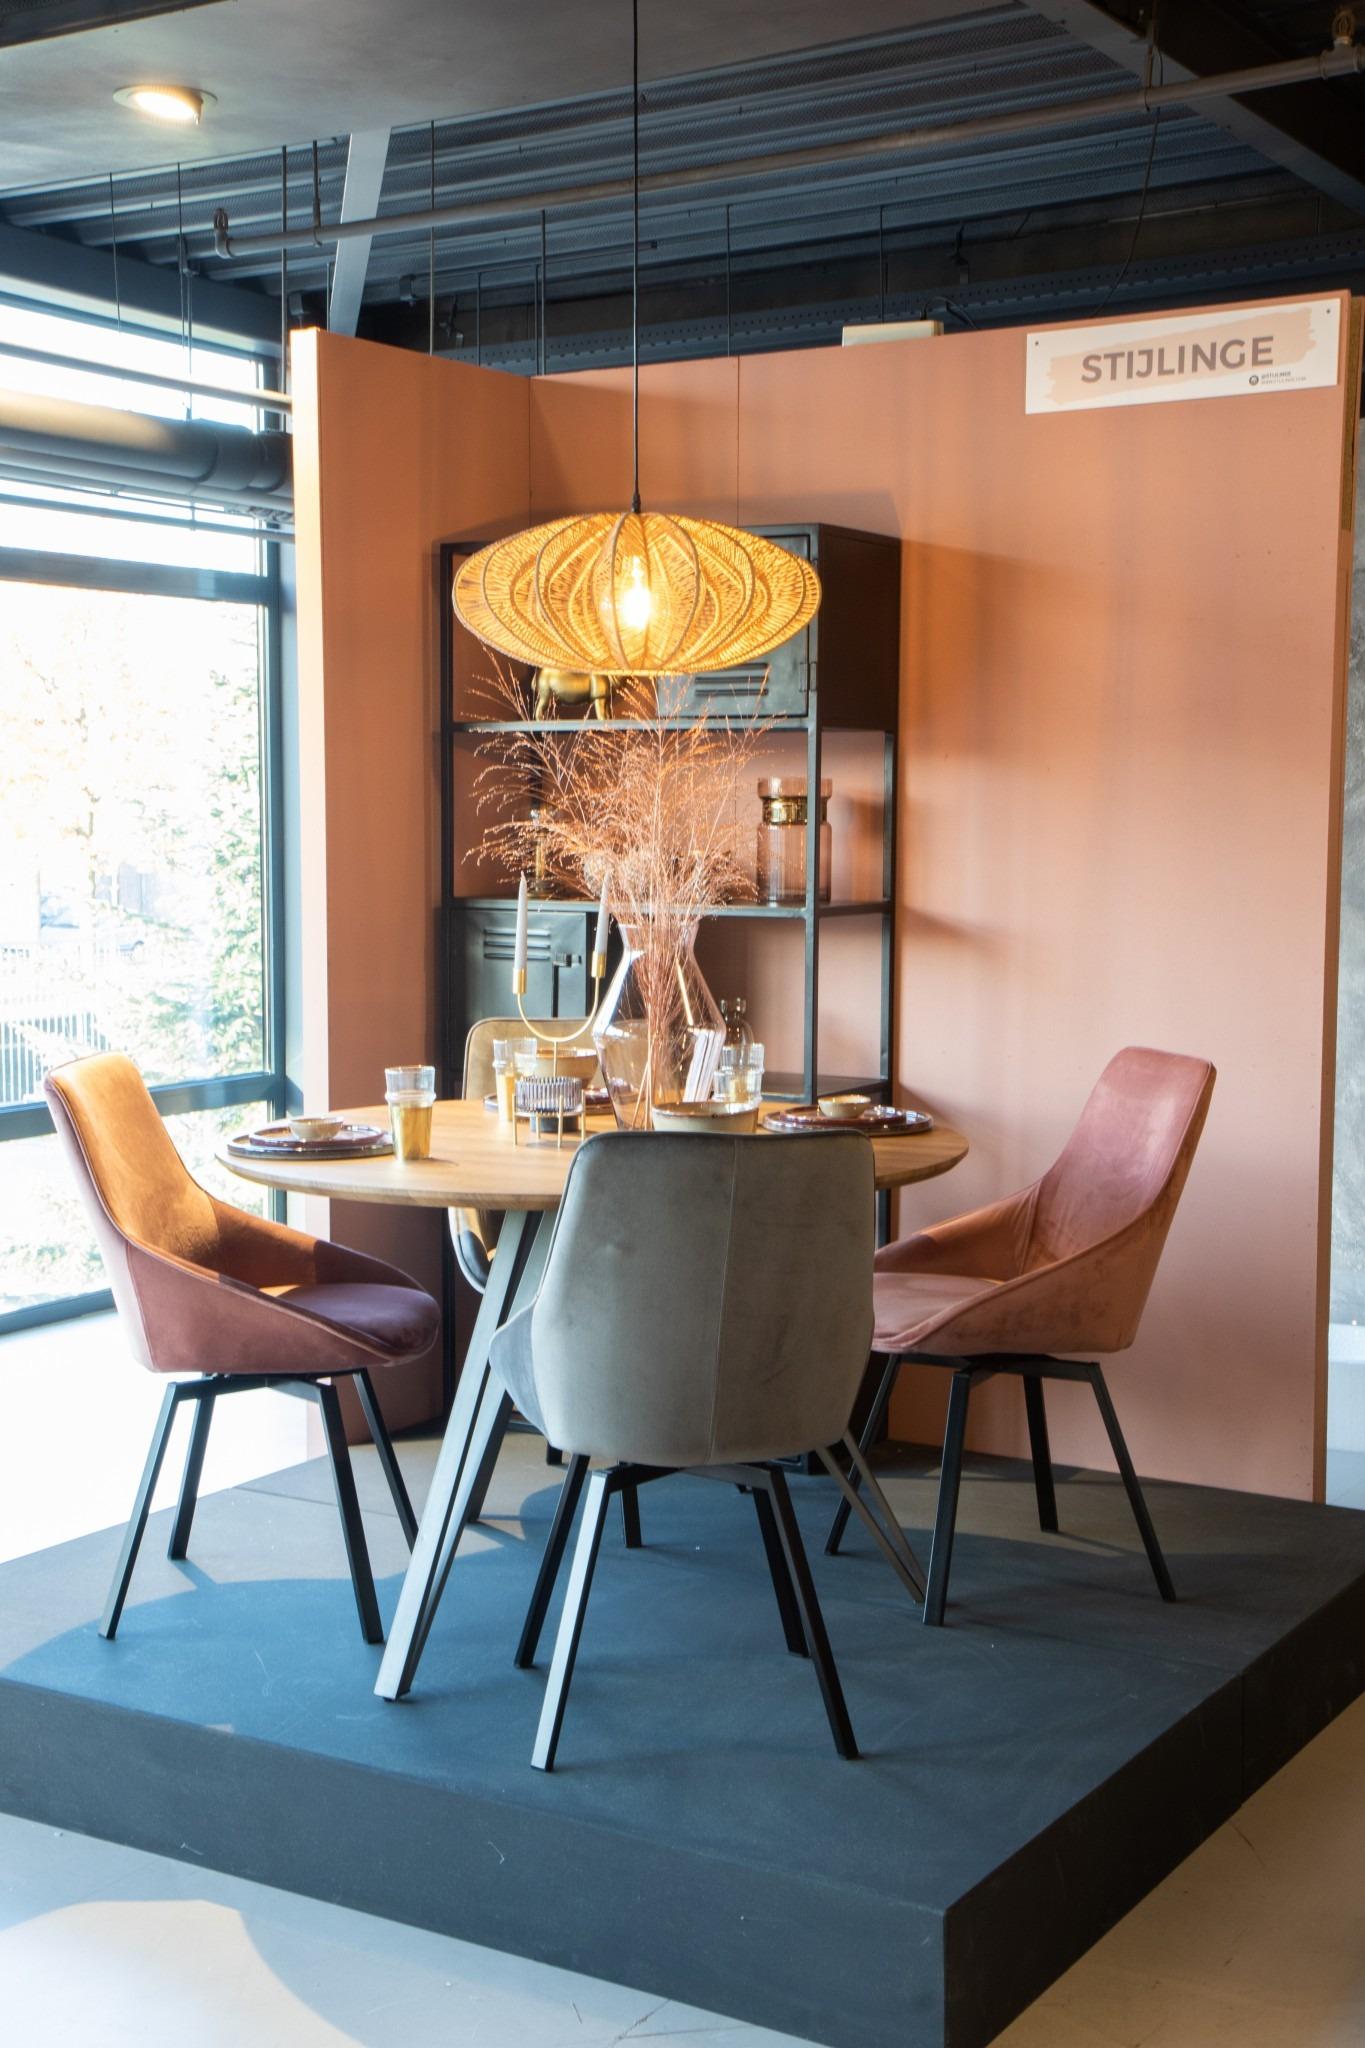 stijlkamer in DOK 2 in roze en goud tinten